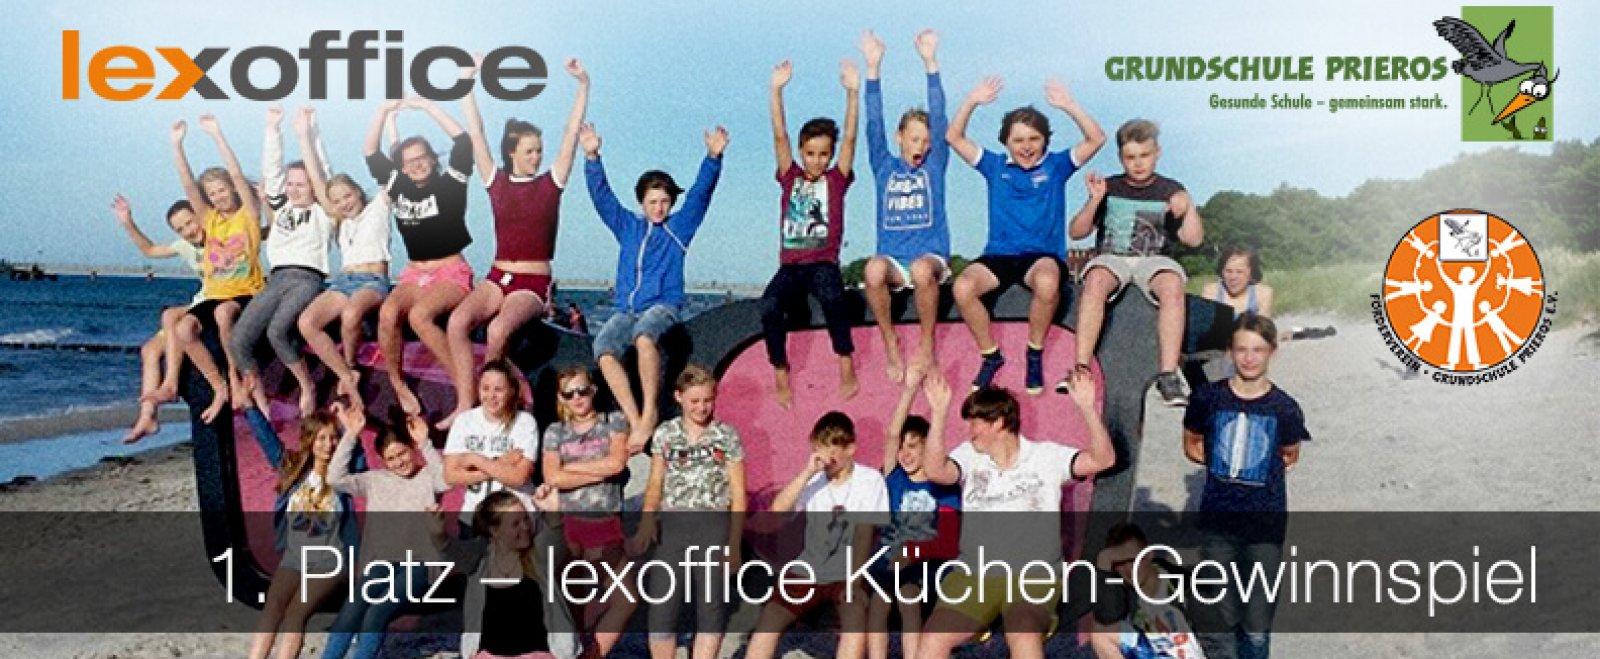 Grundschule Prieros - 1. Platz beim lexoffice Küchen-Gewinnspiel